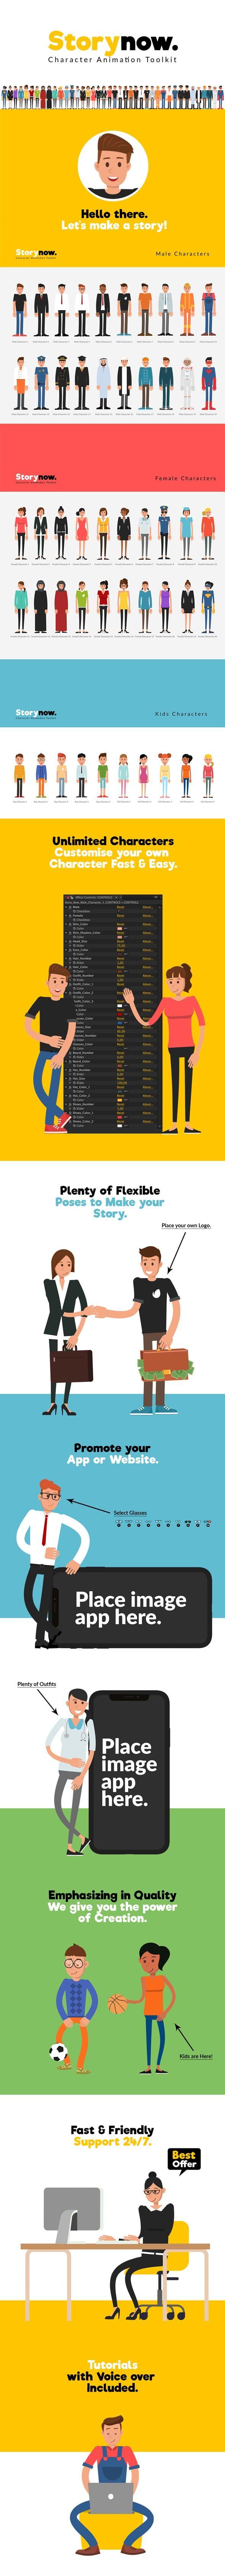 پروژه افترافکت جعبه ابزار موشن گرافیک کاراکتر Story Now Story Now | Character Animation Explainer Toolkit